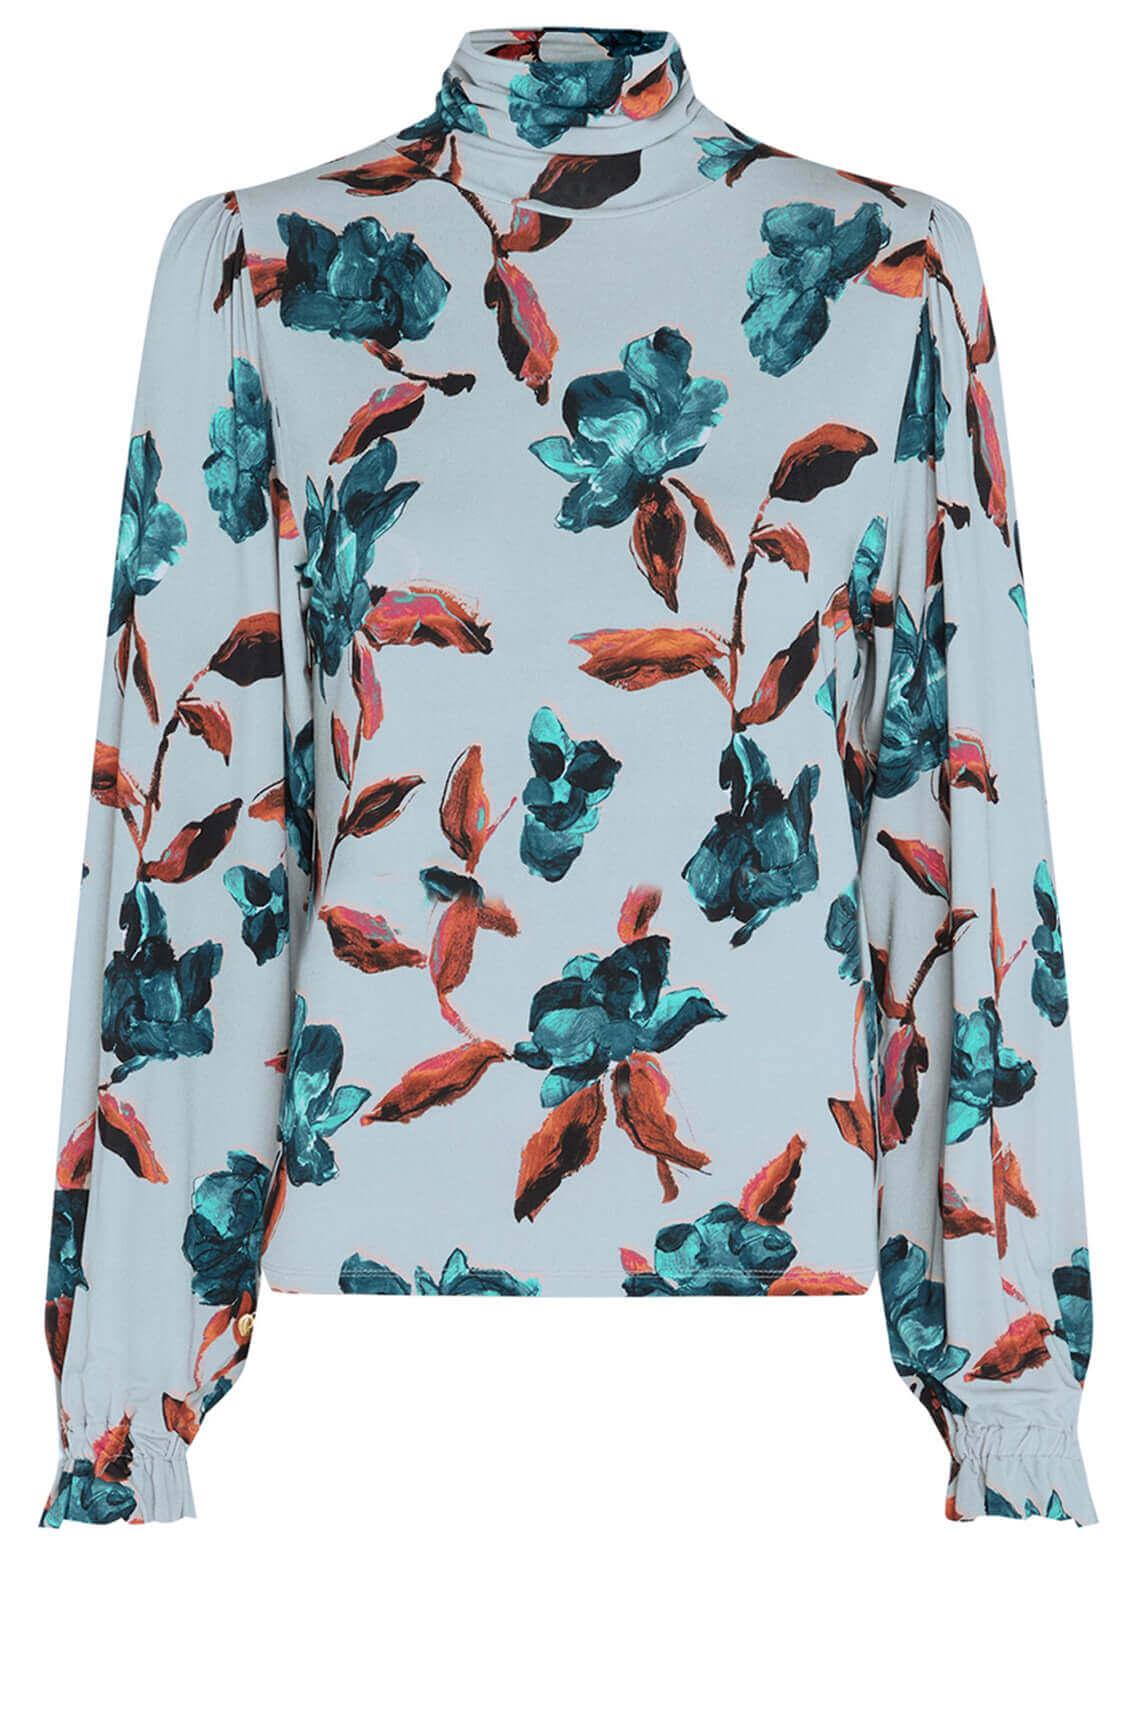 Fabienne Chapot Dames Billy blouseshirt Blauw